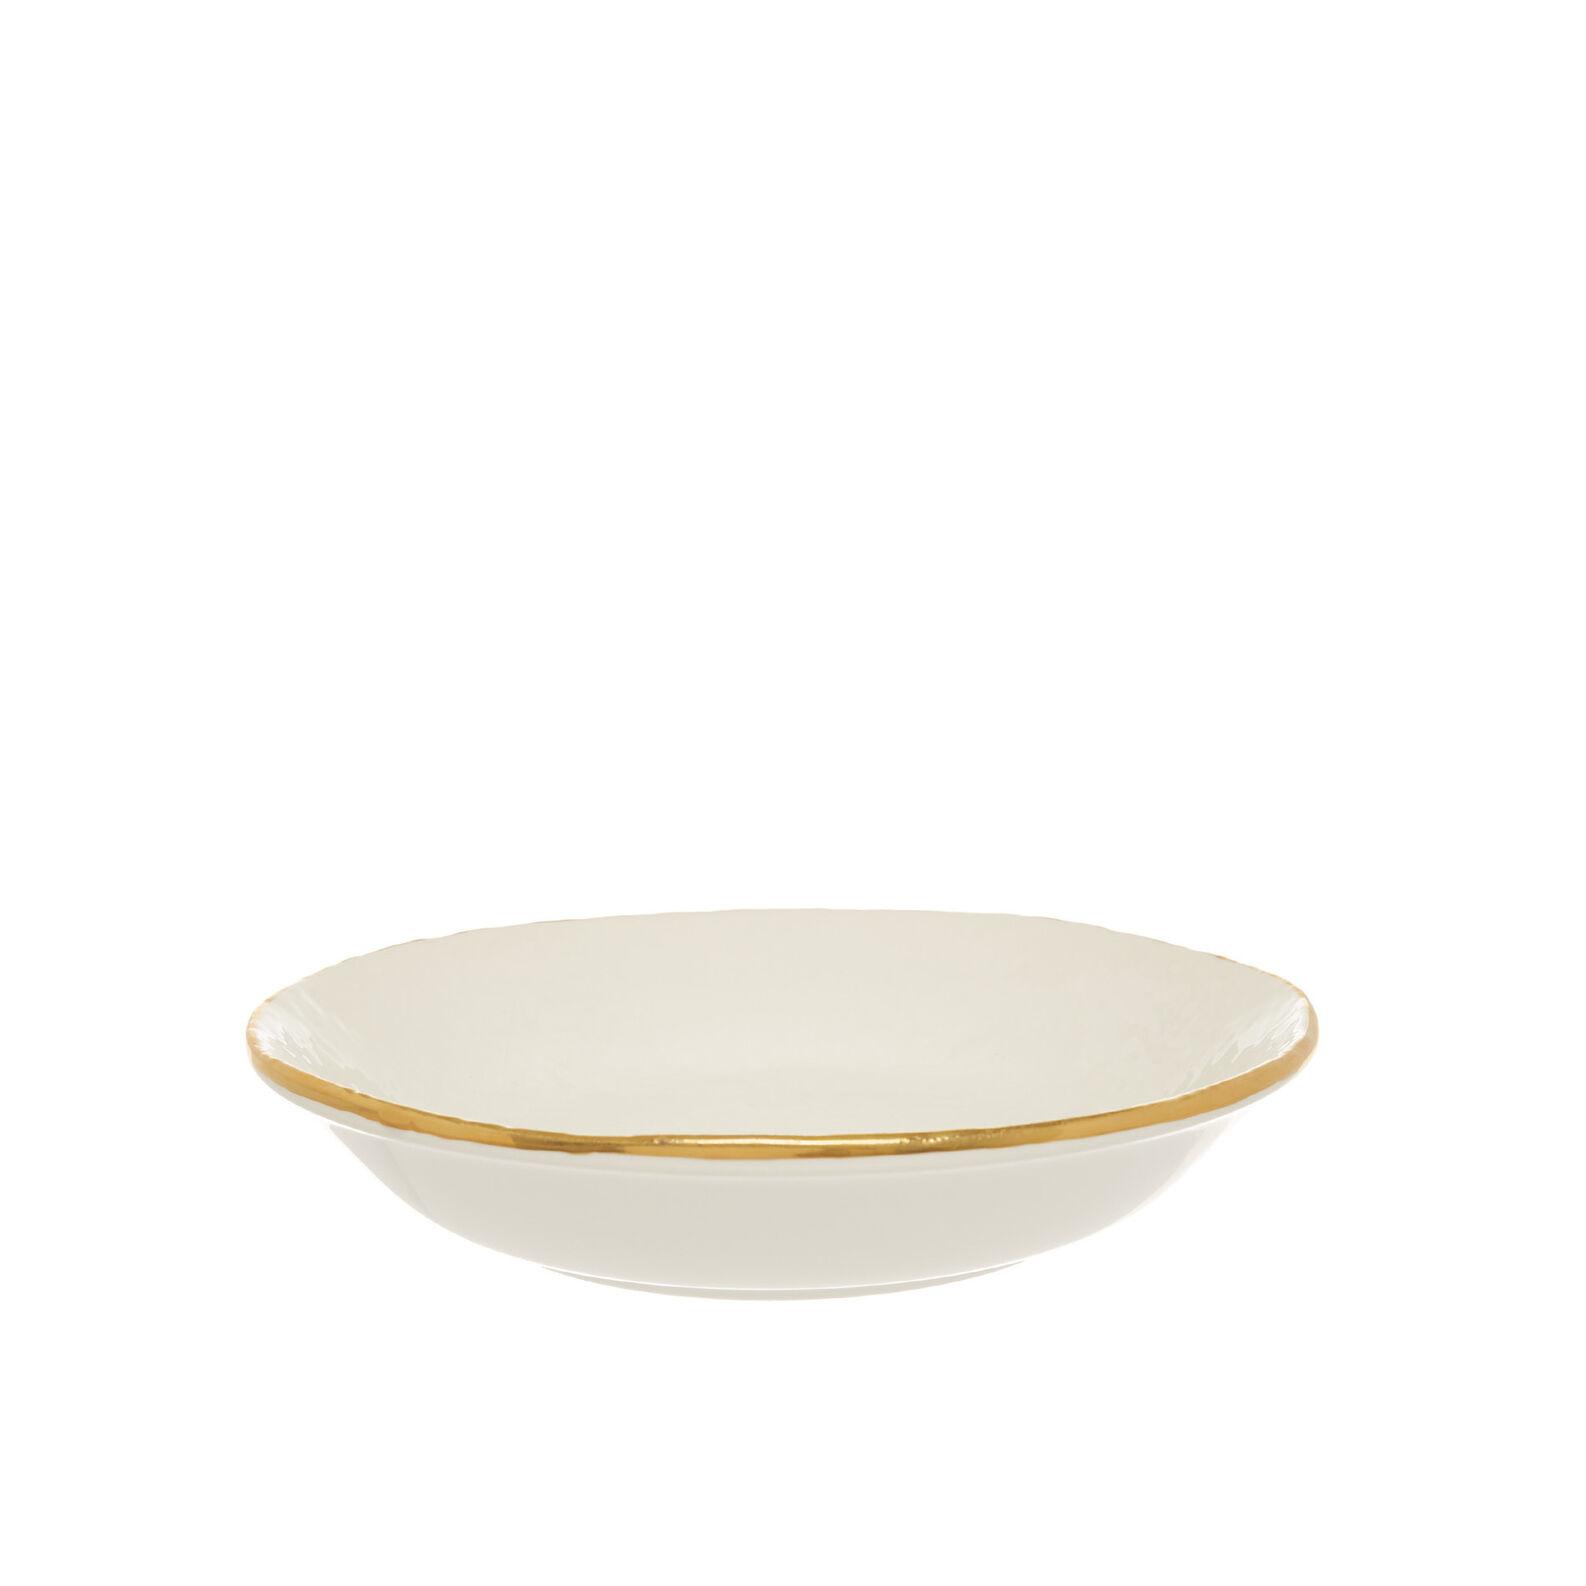 Preta handmade ceramic soup bowl